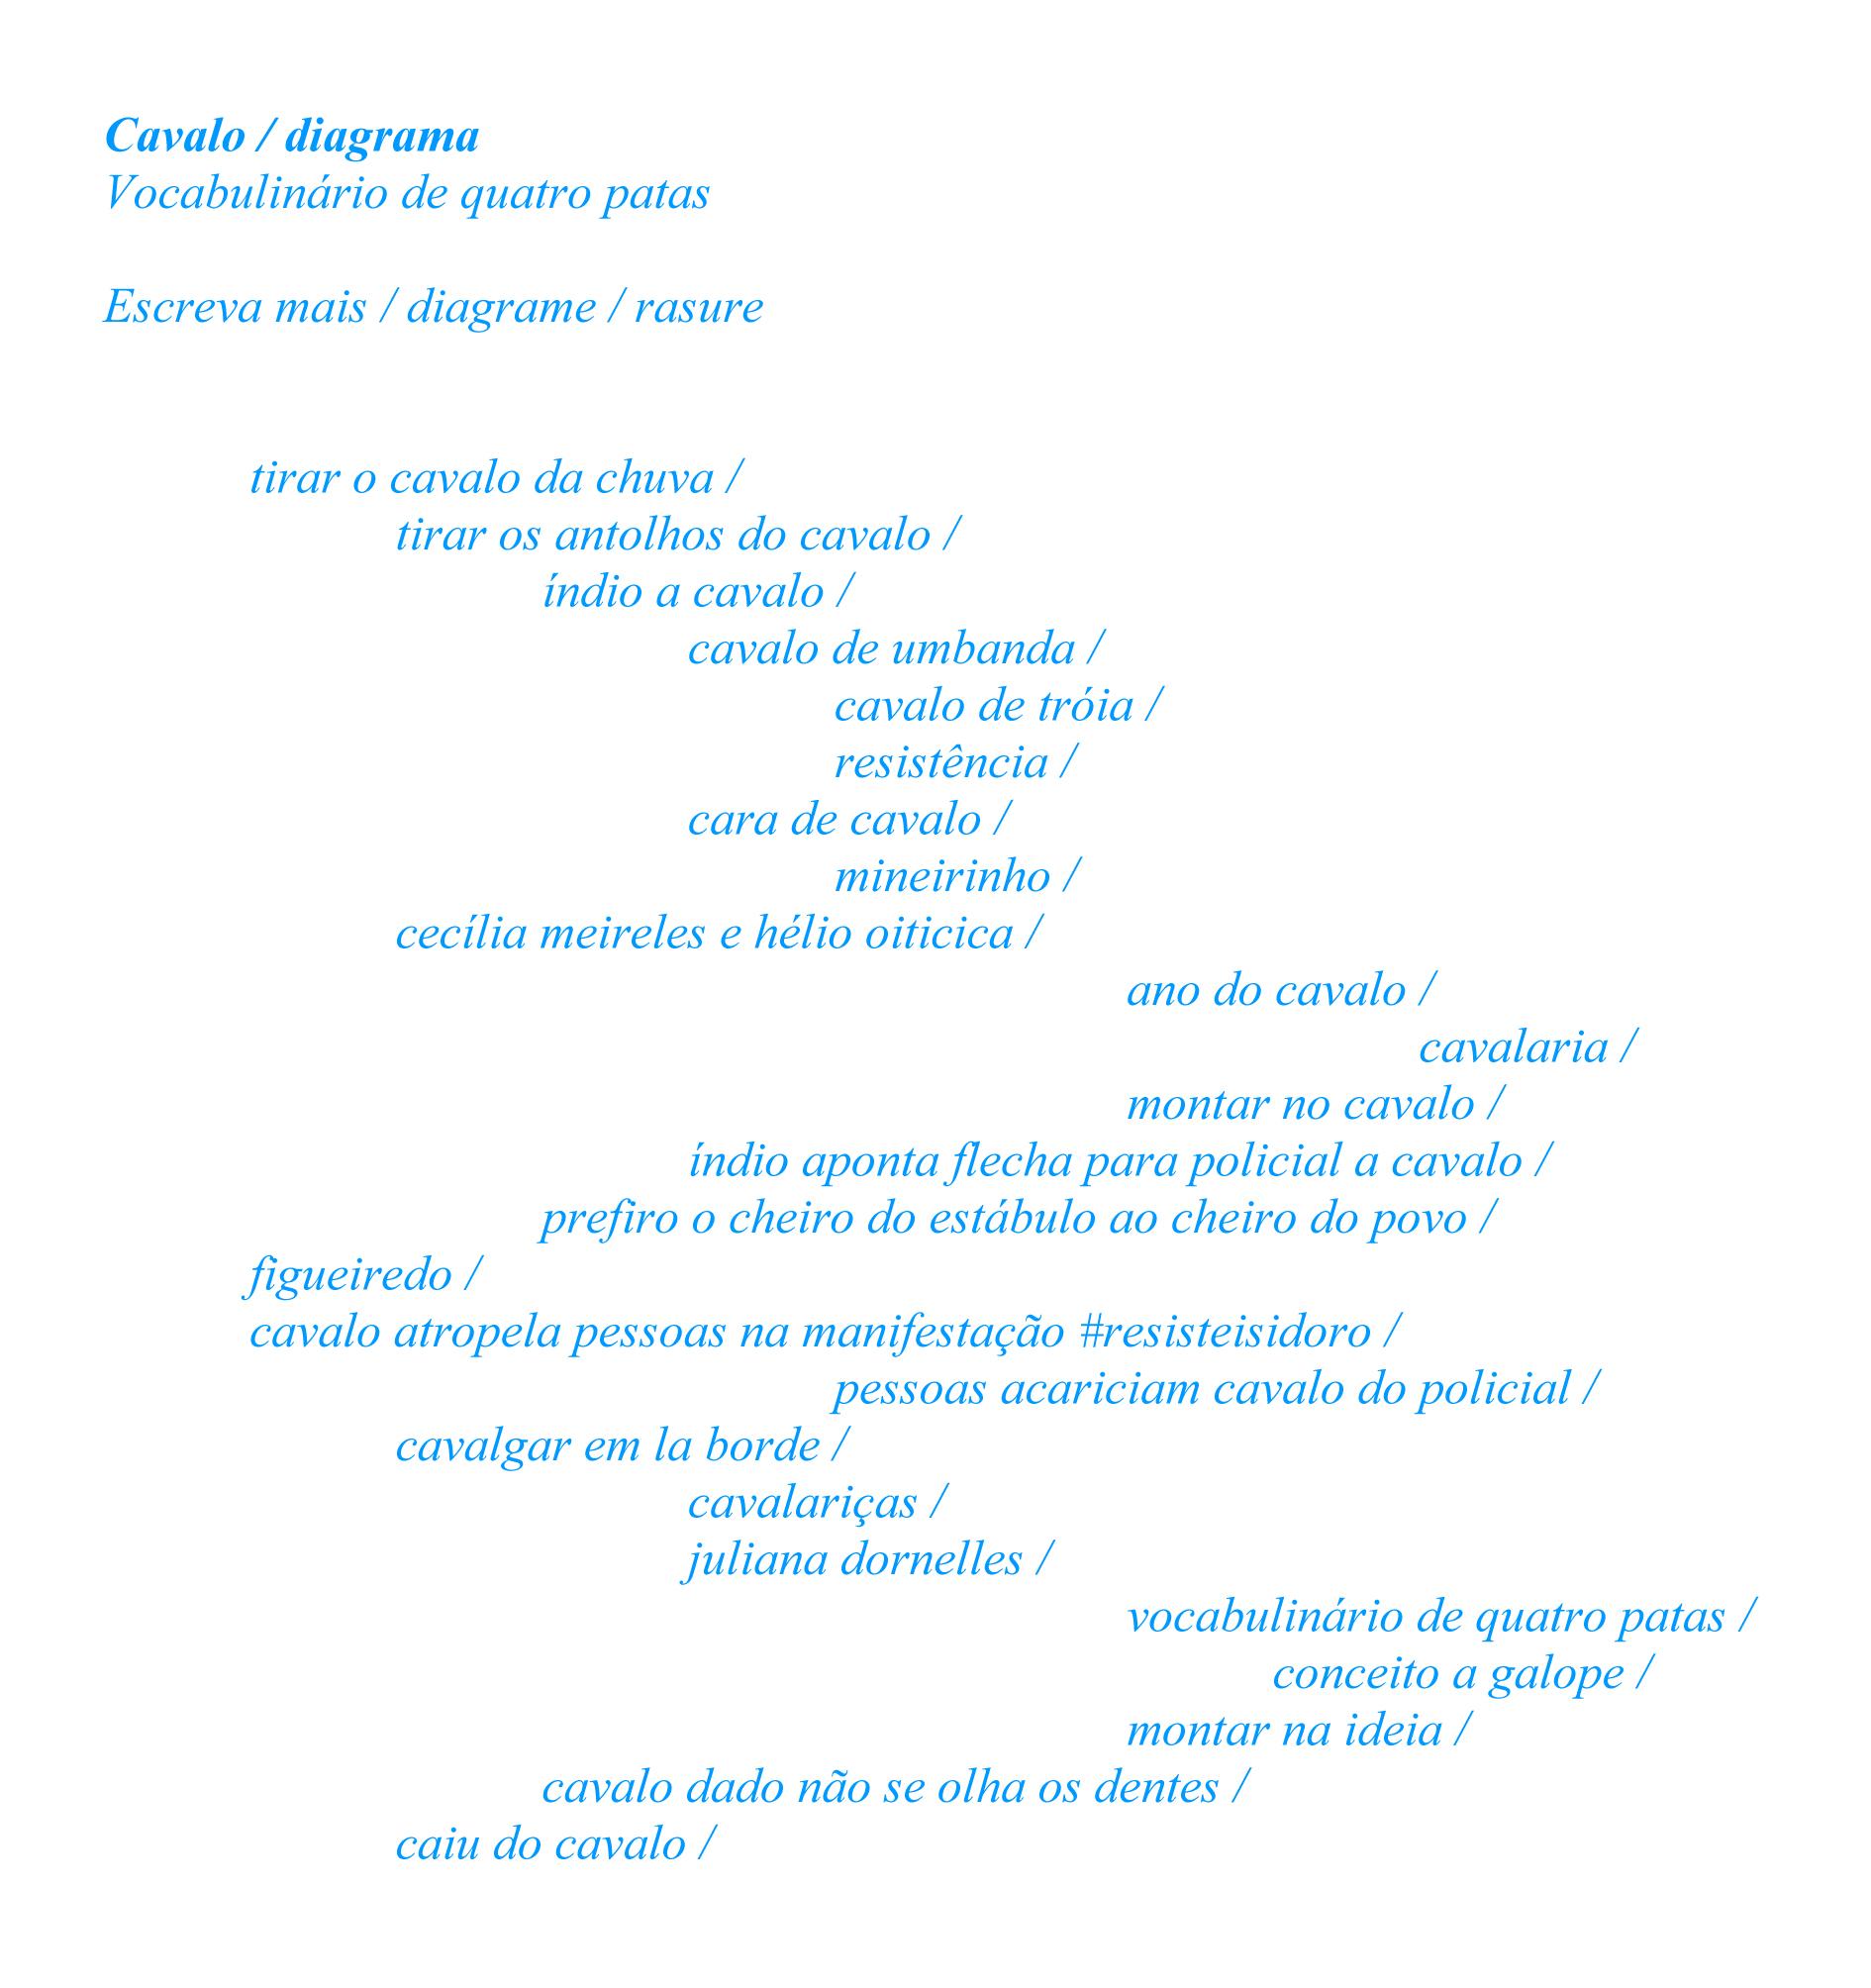 cavalo_novo diagrama azul